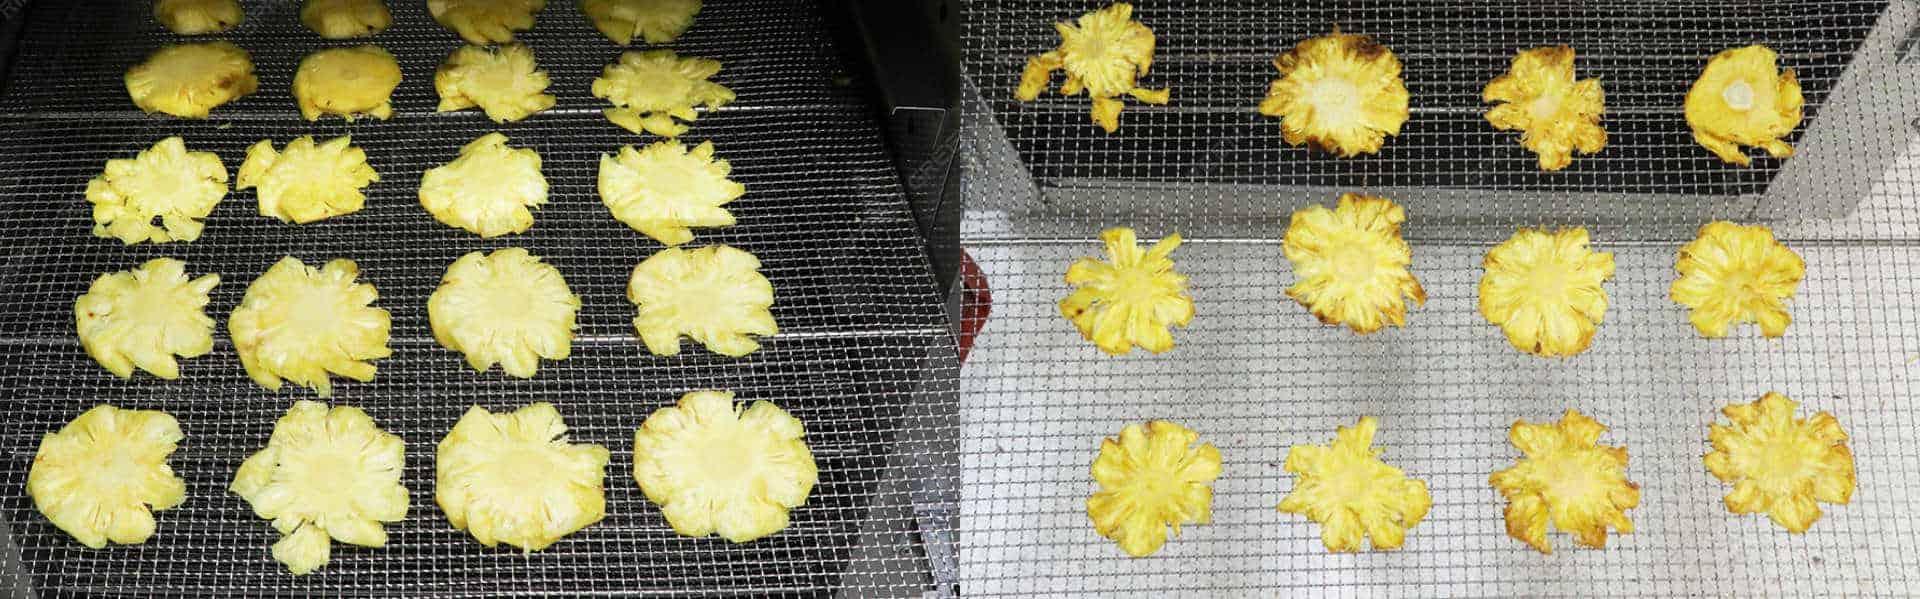 Máy sấy thực phẩm khí nóng công nghiệp GE - Dứa tươi trước và sau khi sấy